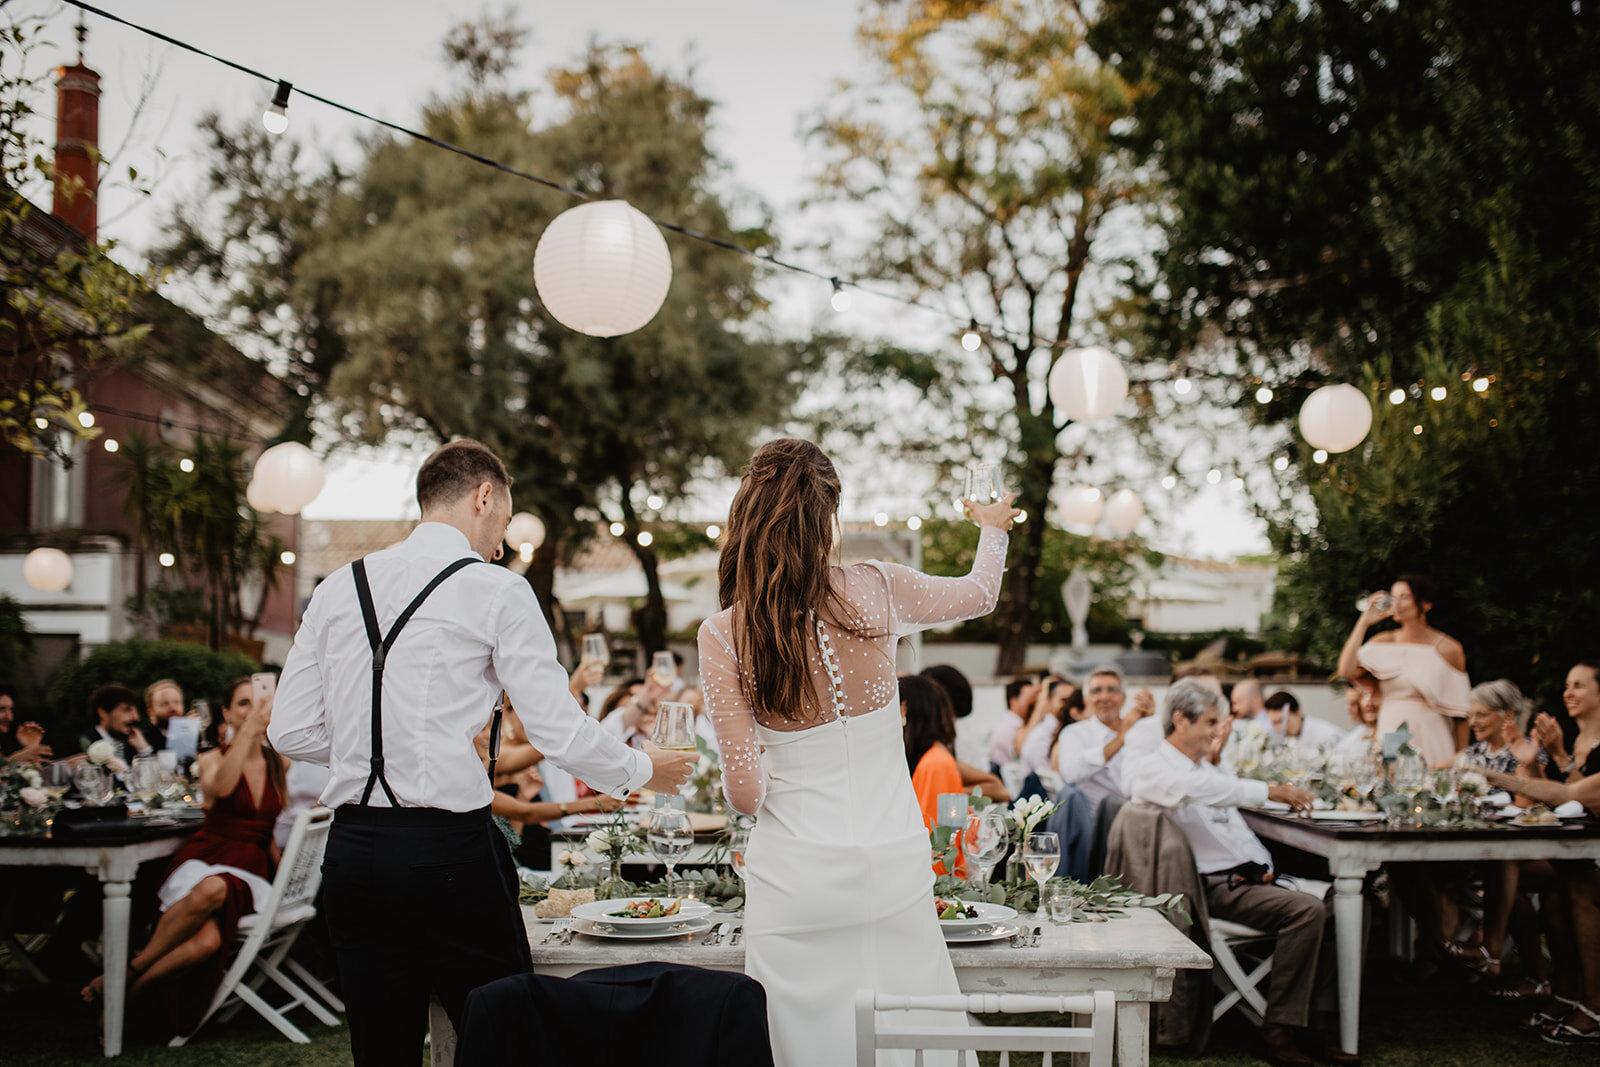 os agostos wedding